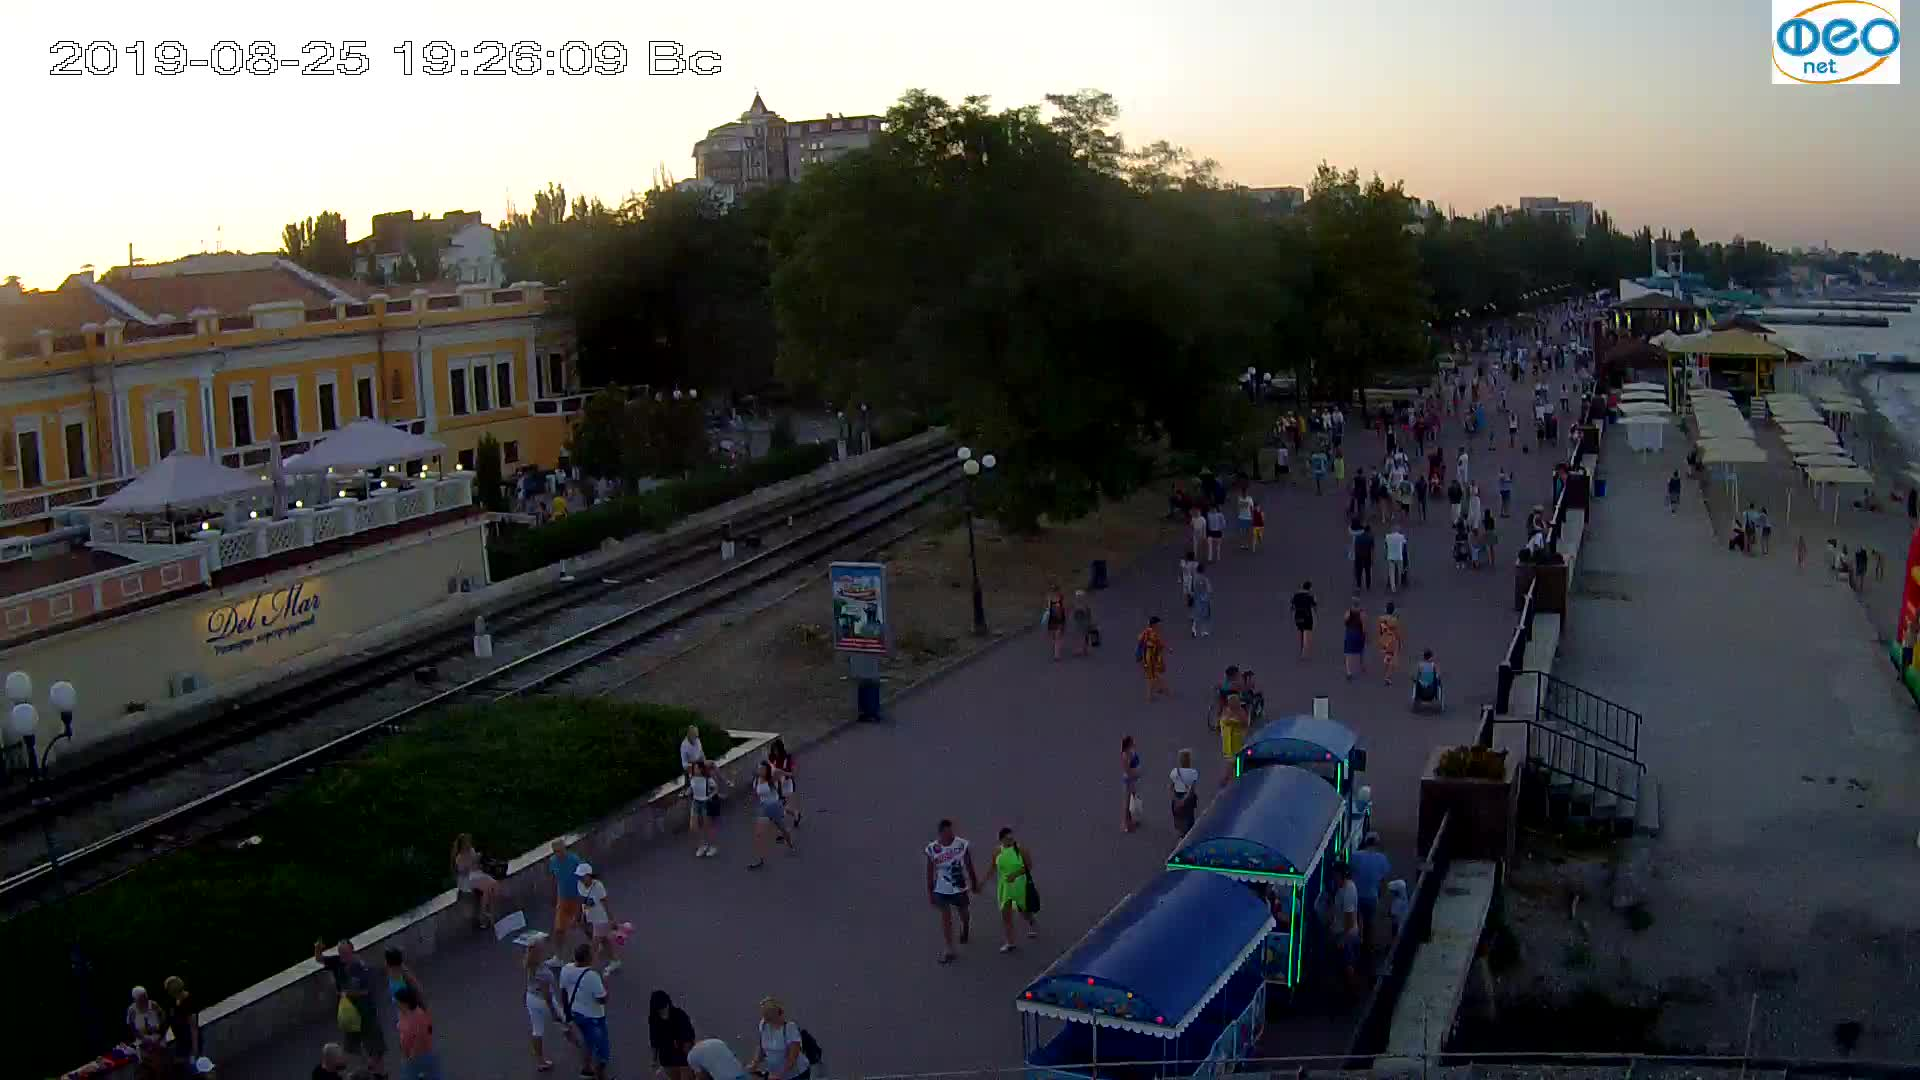 Веб-камеры Феодосии, Набережная, 2019-08-25 19:20:05